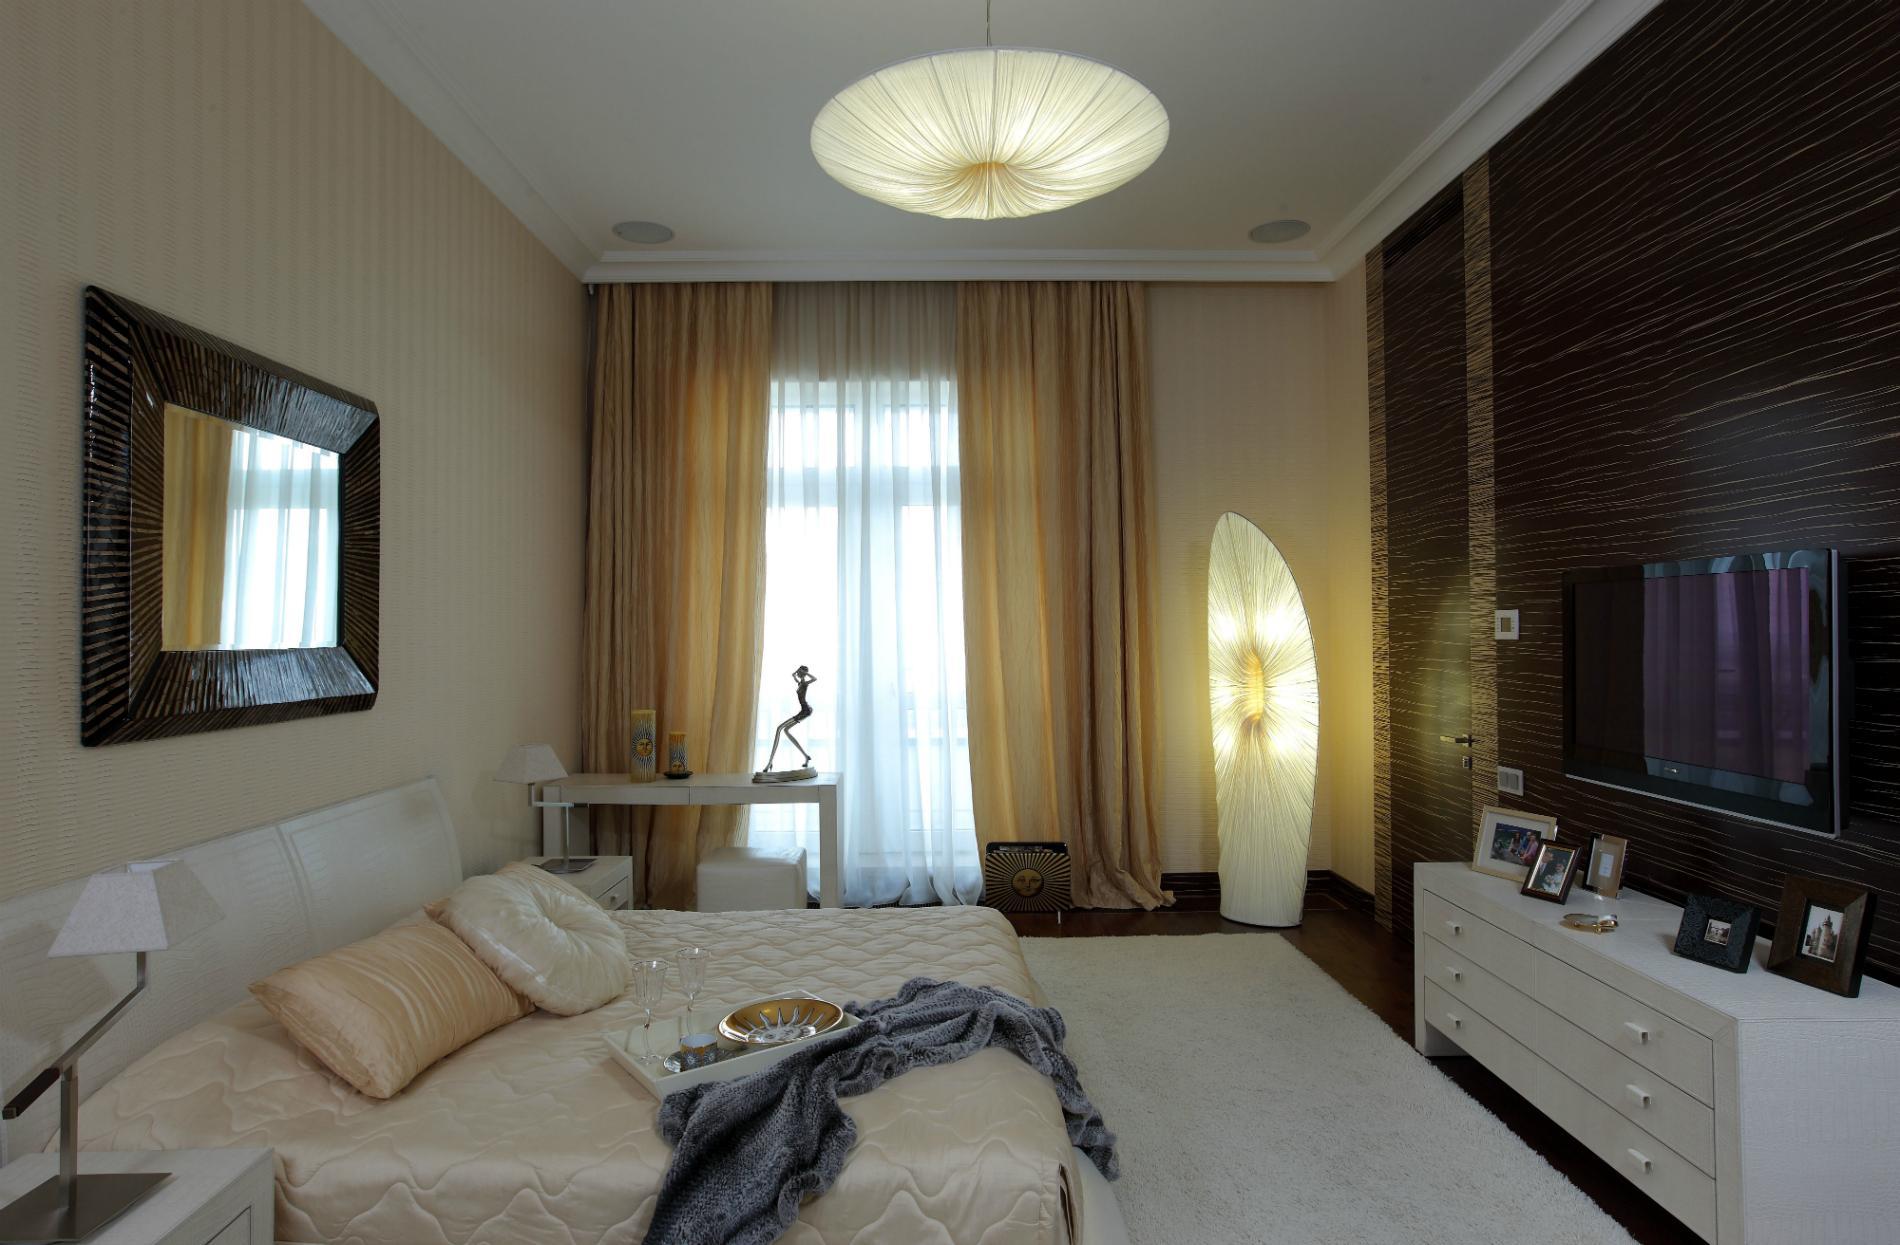 Бежево-черная просторная спальня